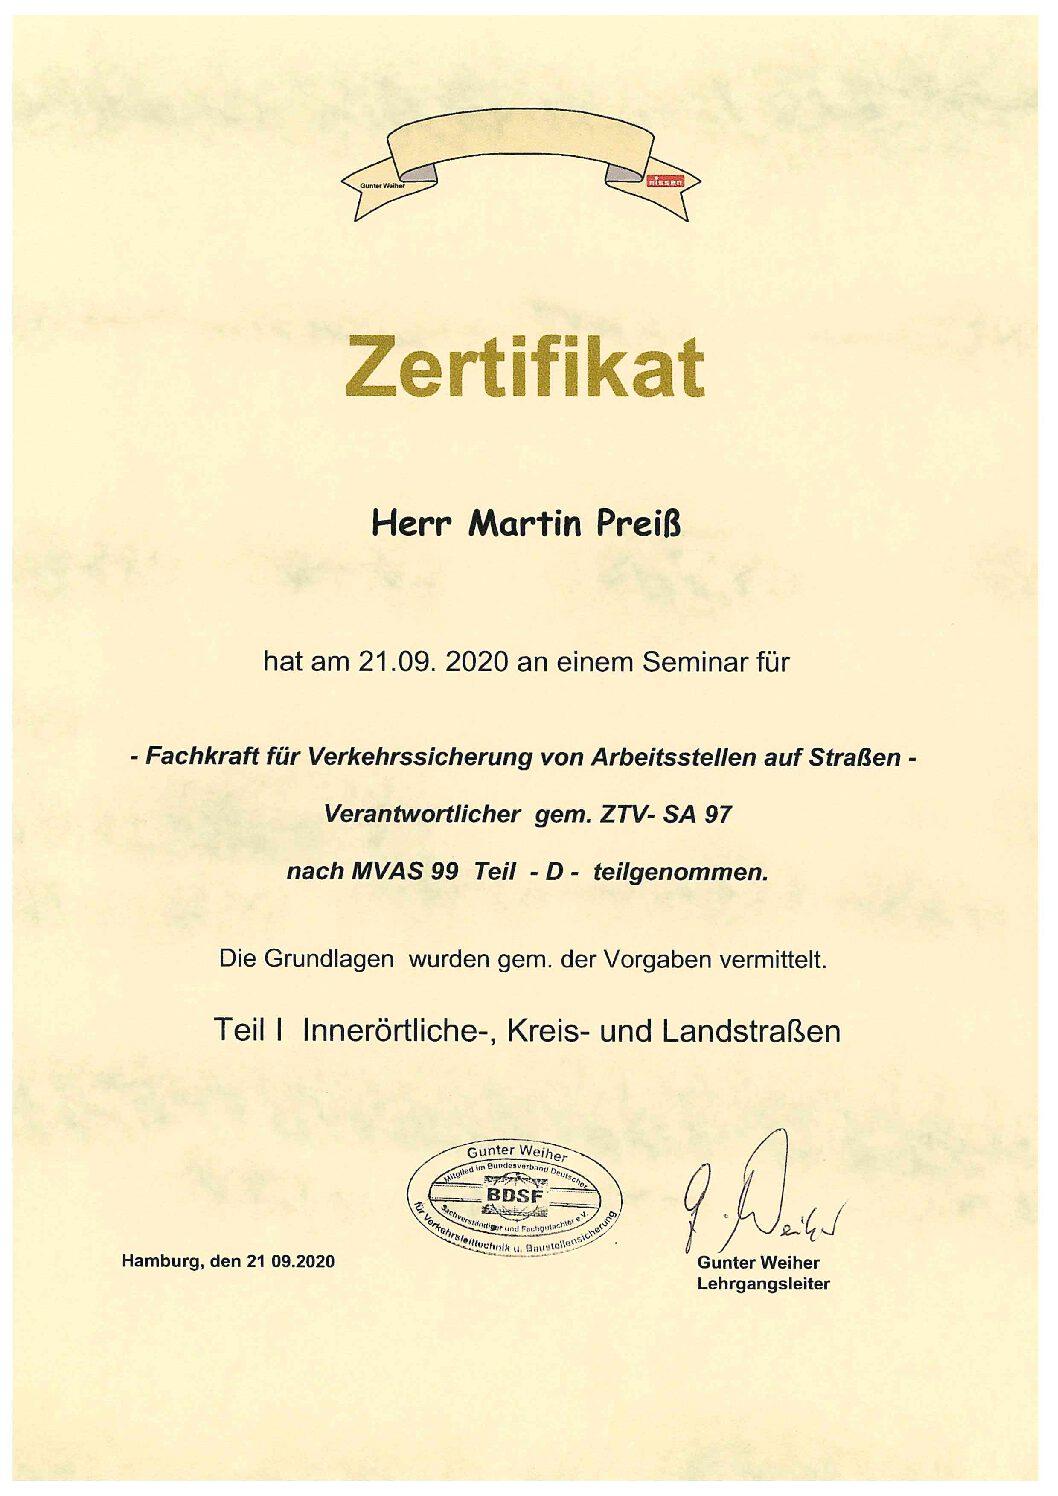 Erdarbeiten - Zertifikat Verkehrssicherung M Preiss pdf